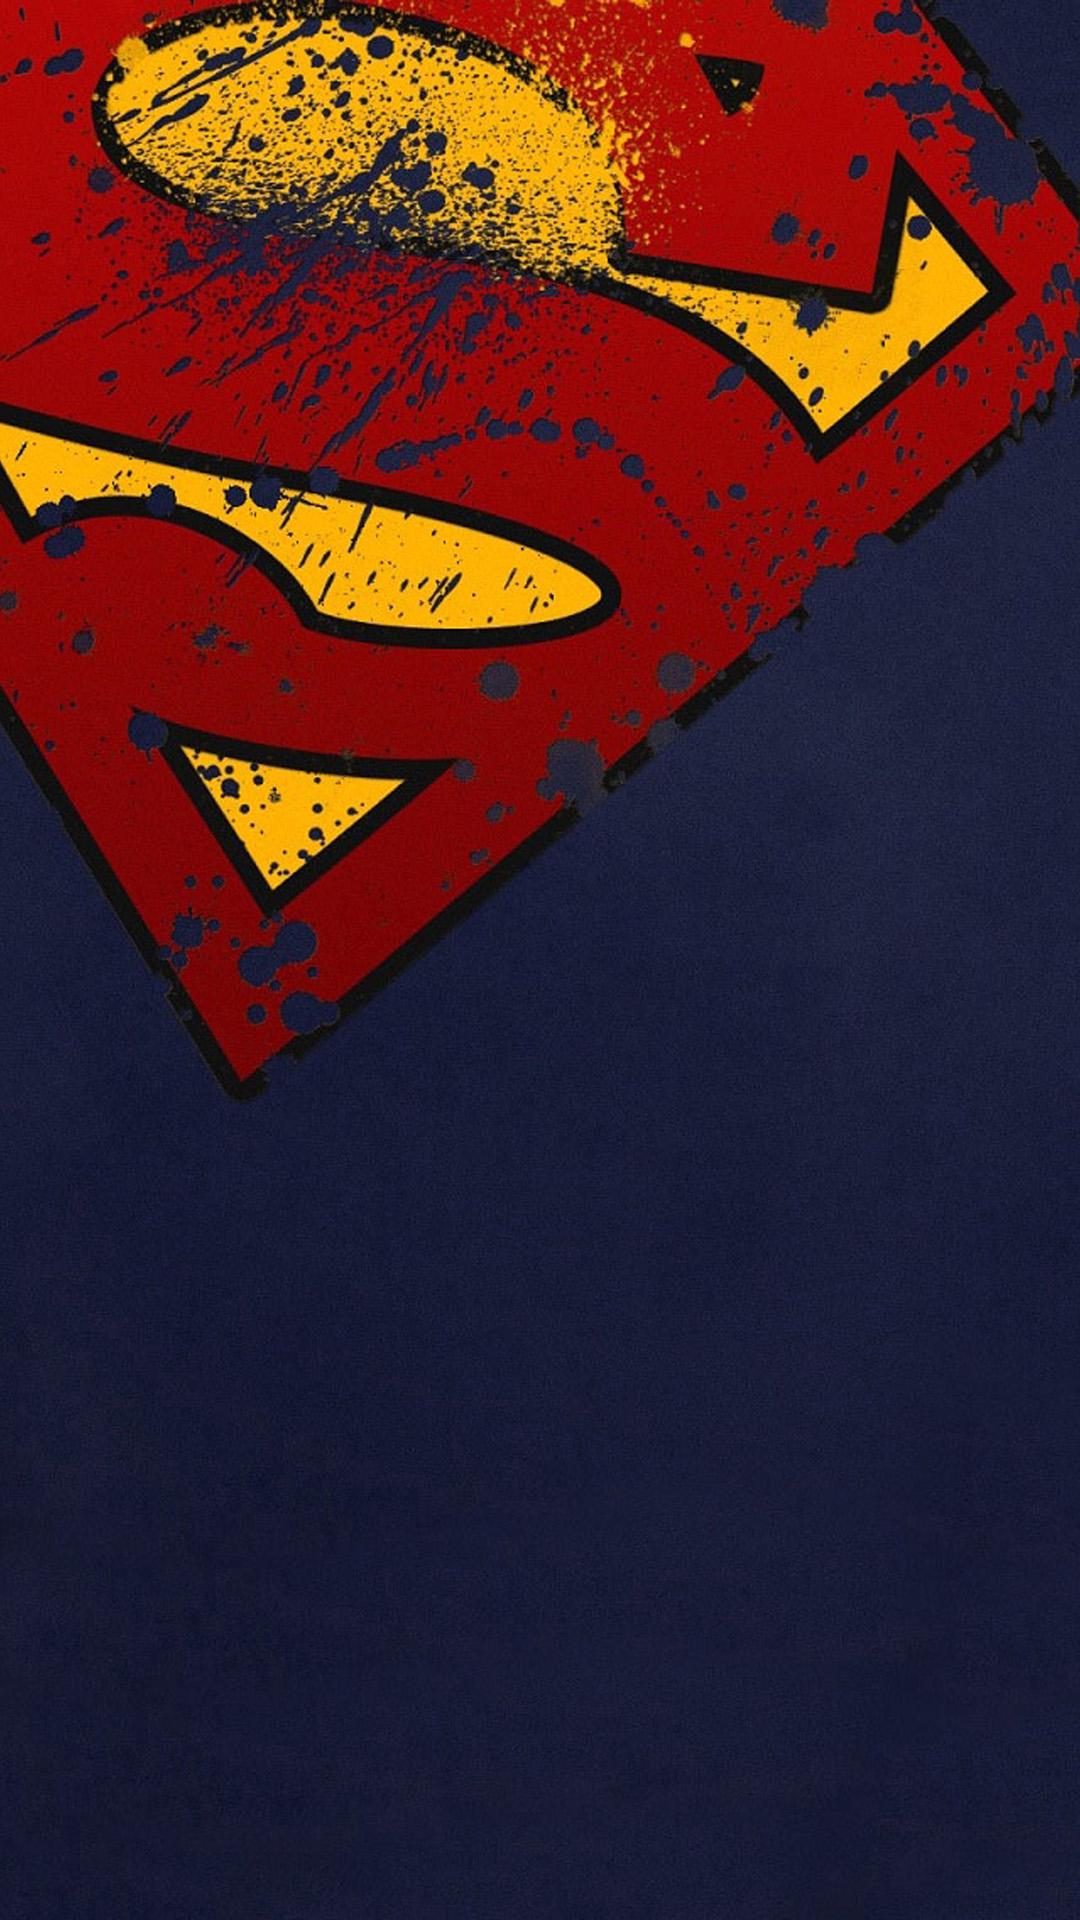 Superman Lockscreen.jpg